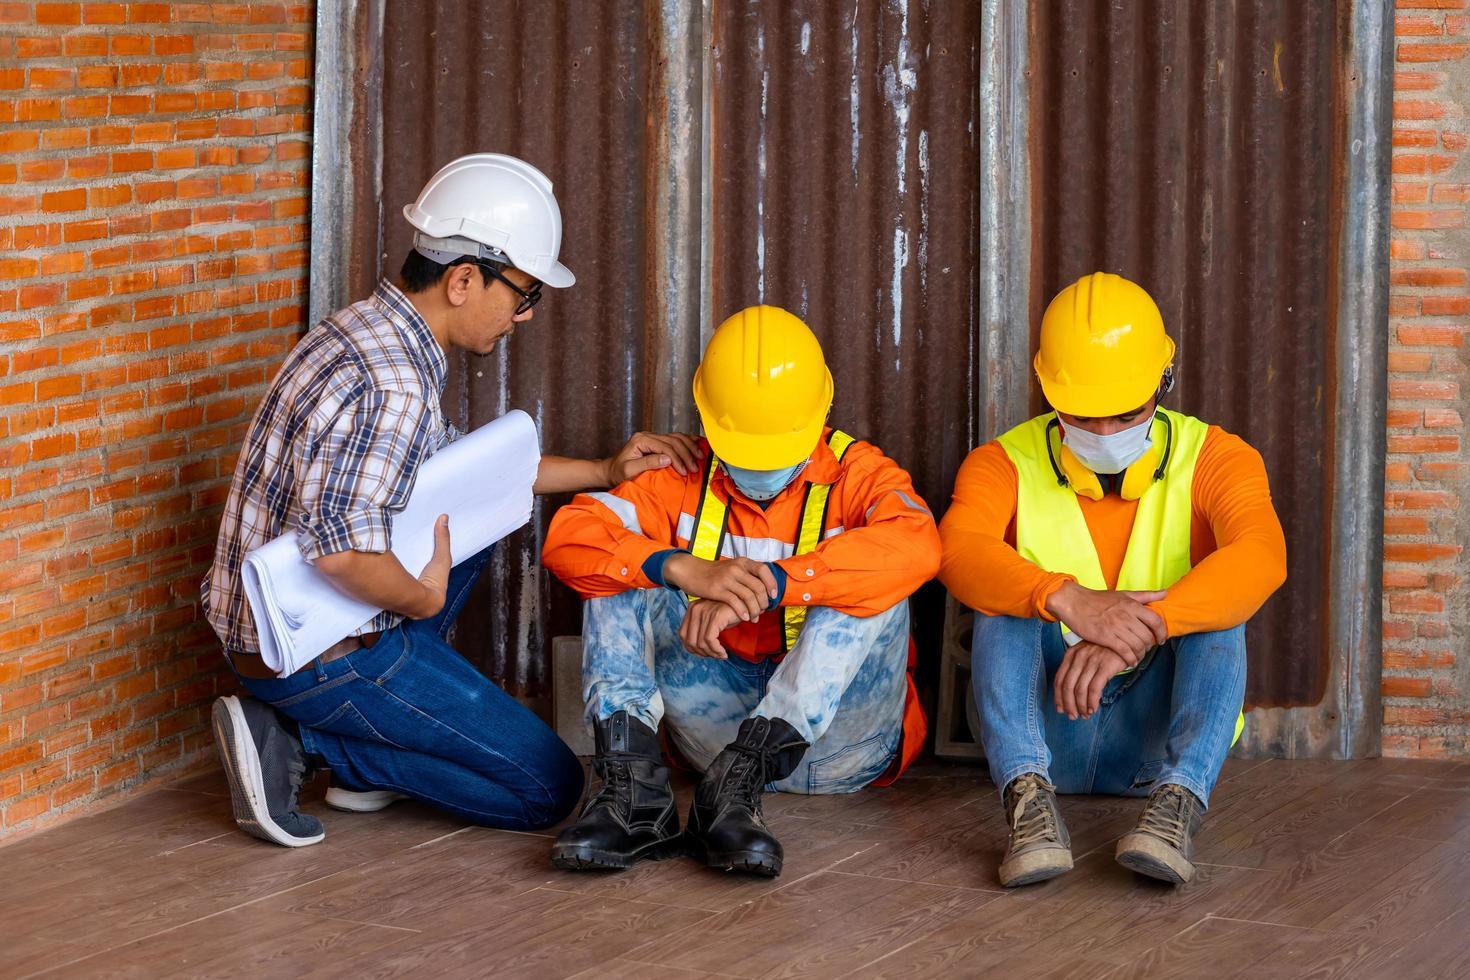 tre uomini che indossano l'equipaggiamento protettivo accanto al muro di mattoni foto